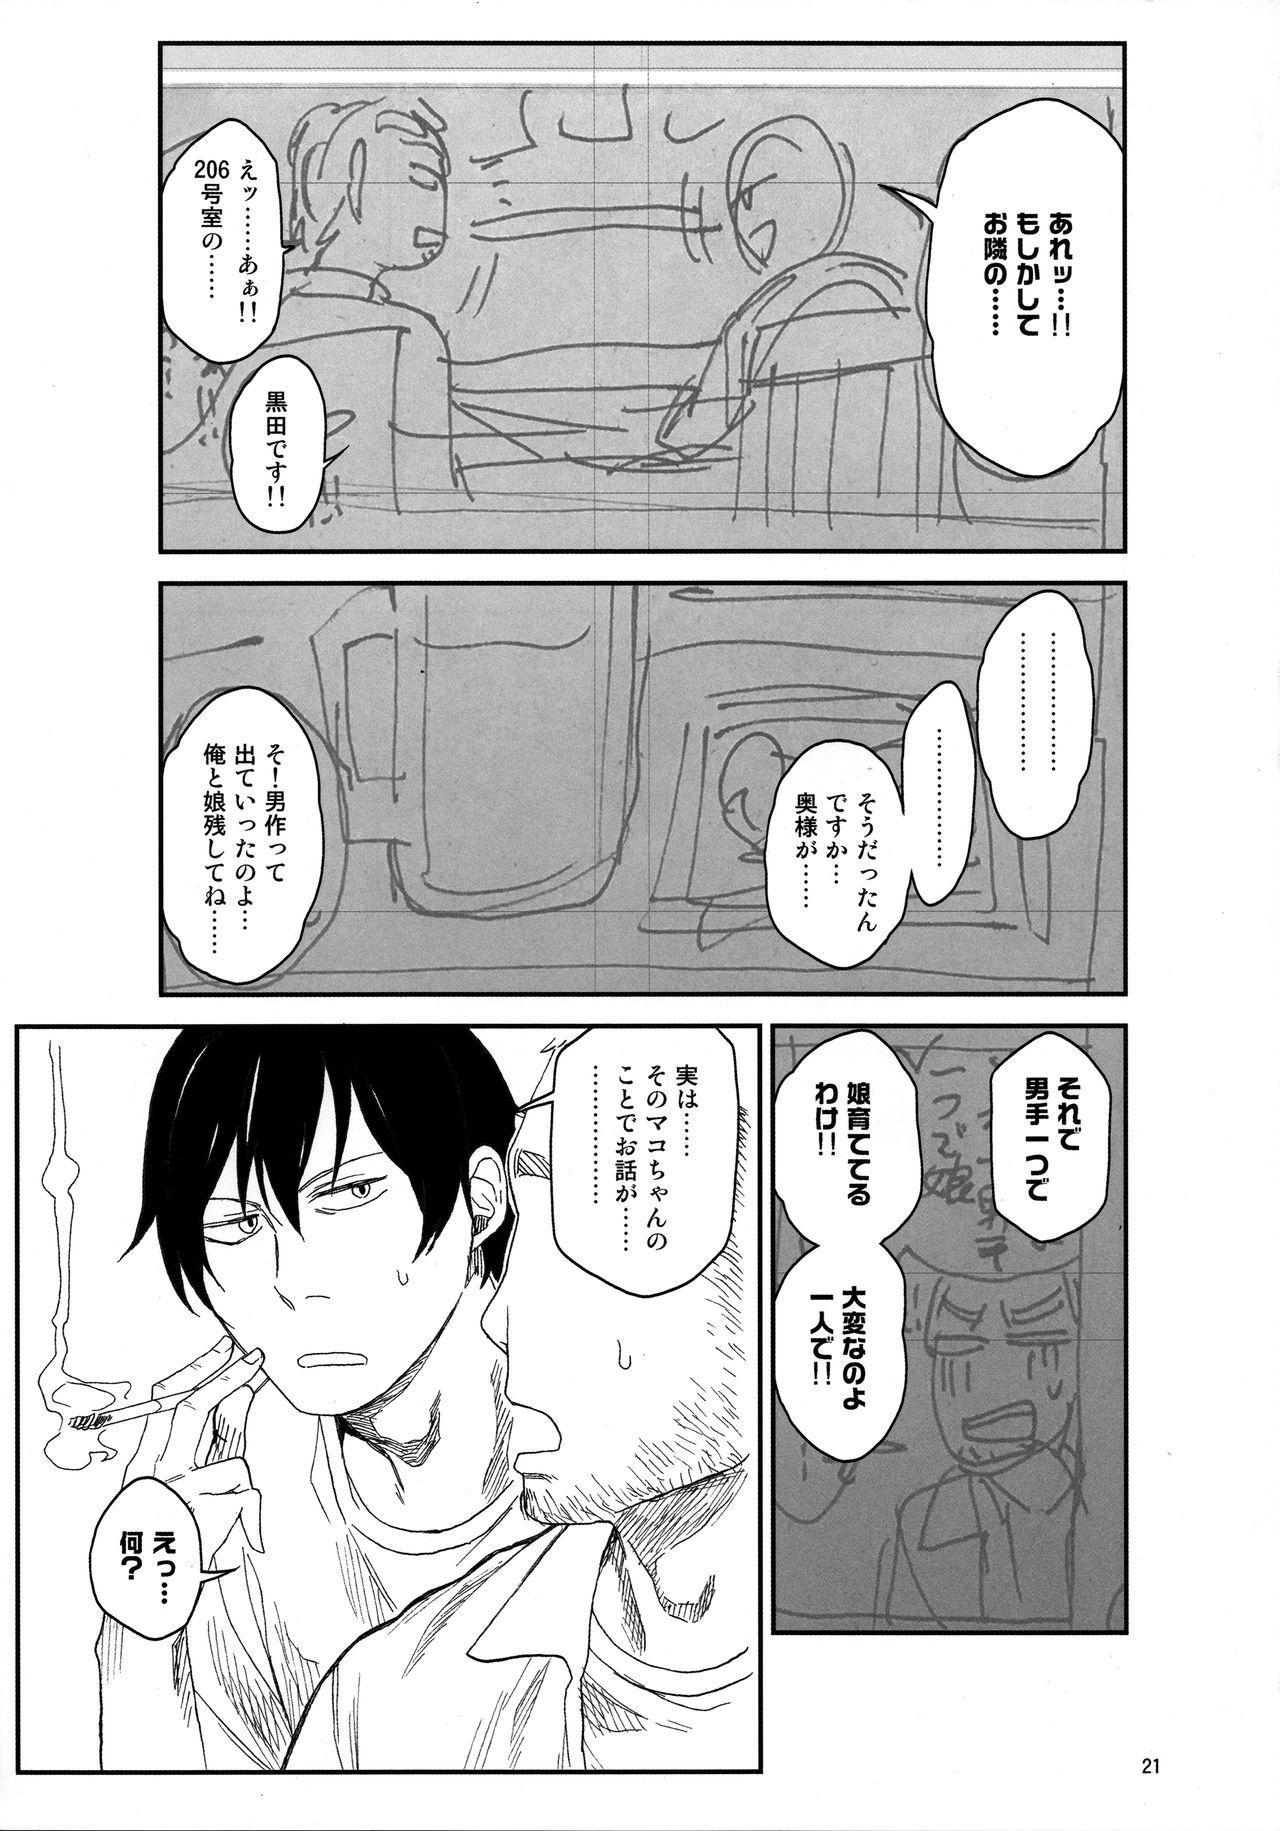 Tonari no Mako-chan Vol. 3 20